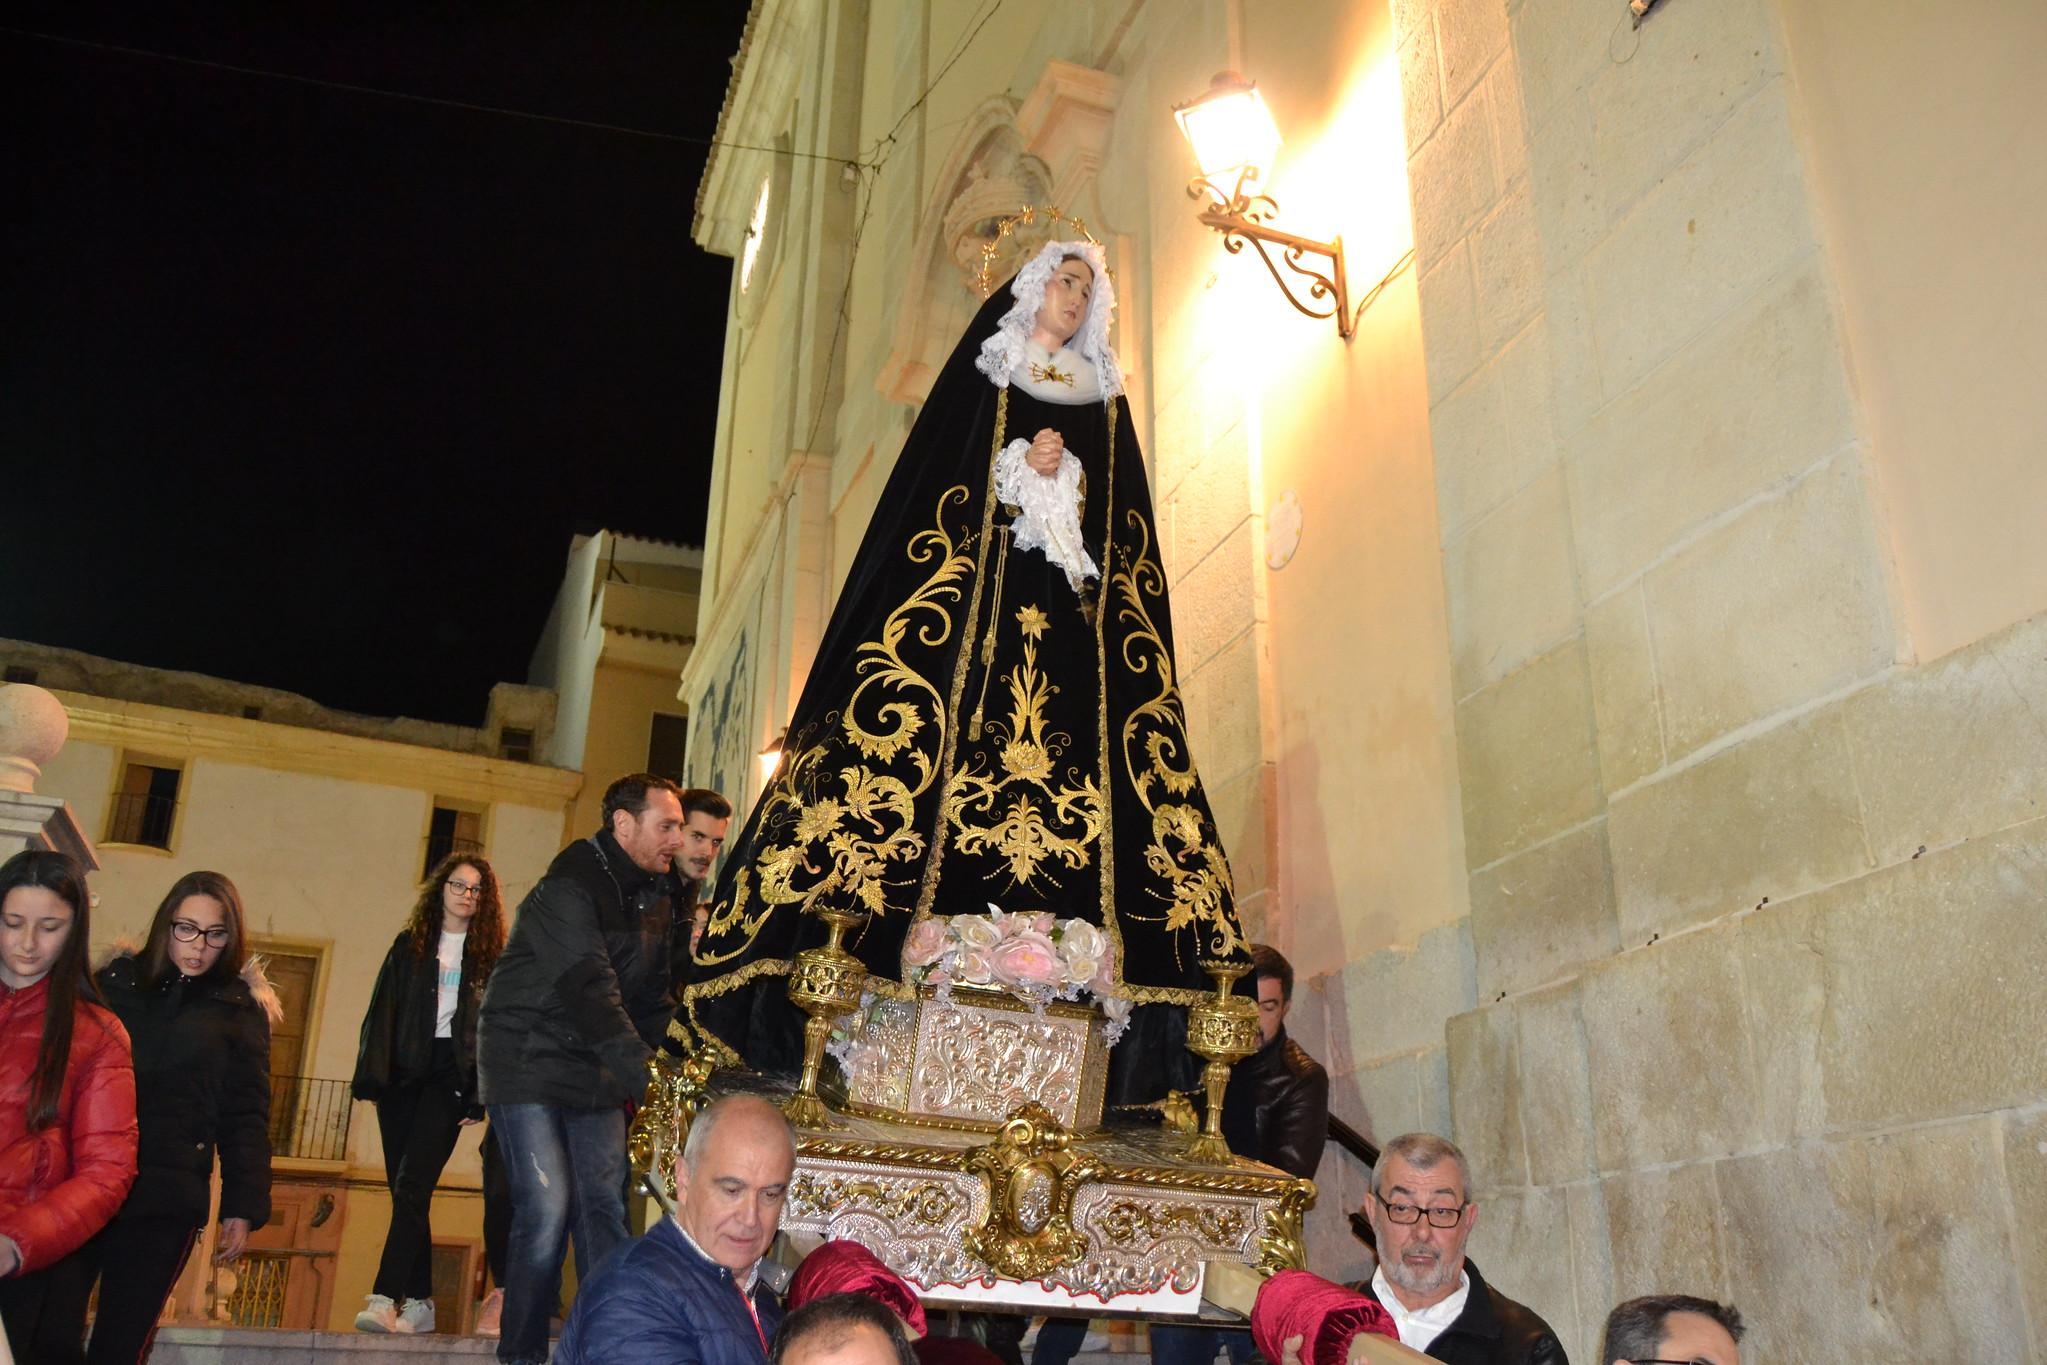 (2019-04-12) - X Vía Crucis nocturno - Diario El Carrer (10)